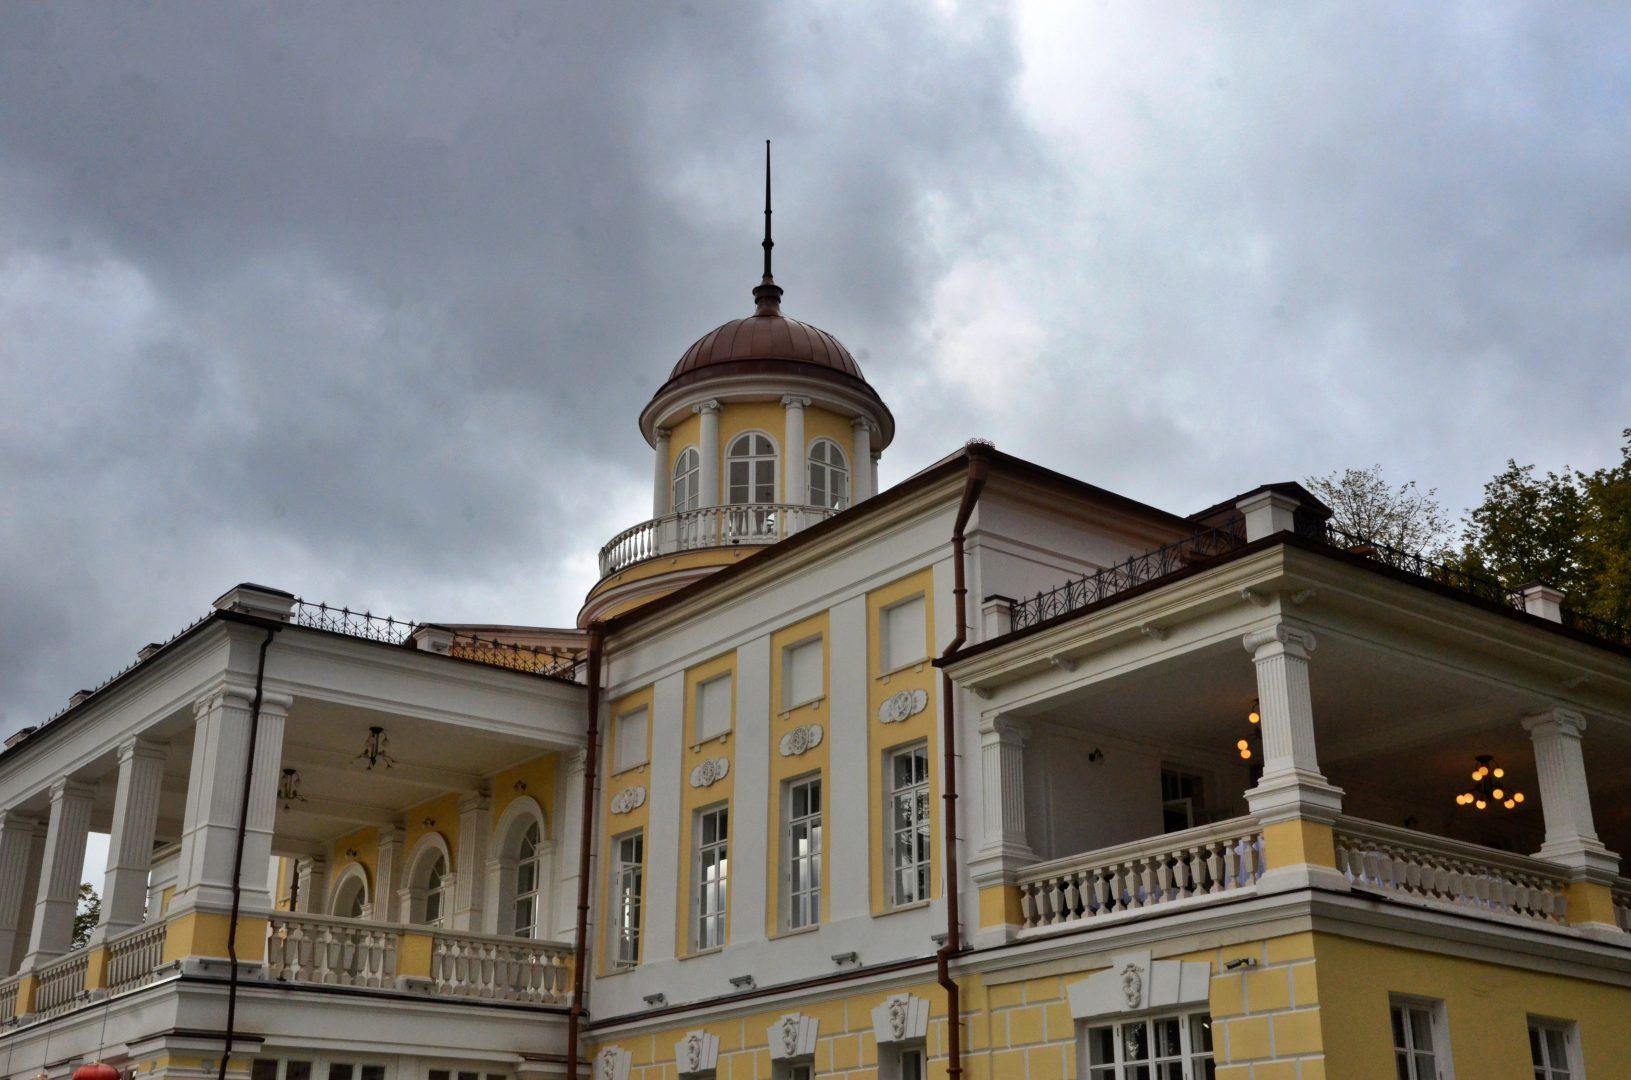 Реставрацию усадьбы Бергов начали в Первомайском. Фото: Анна Быкова